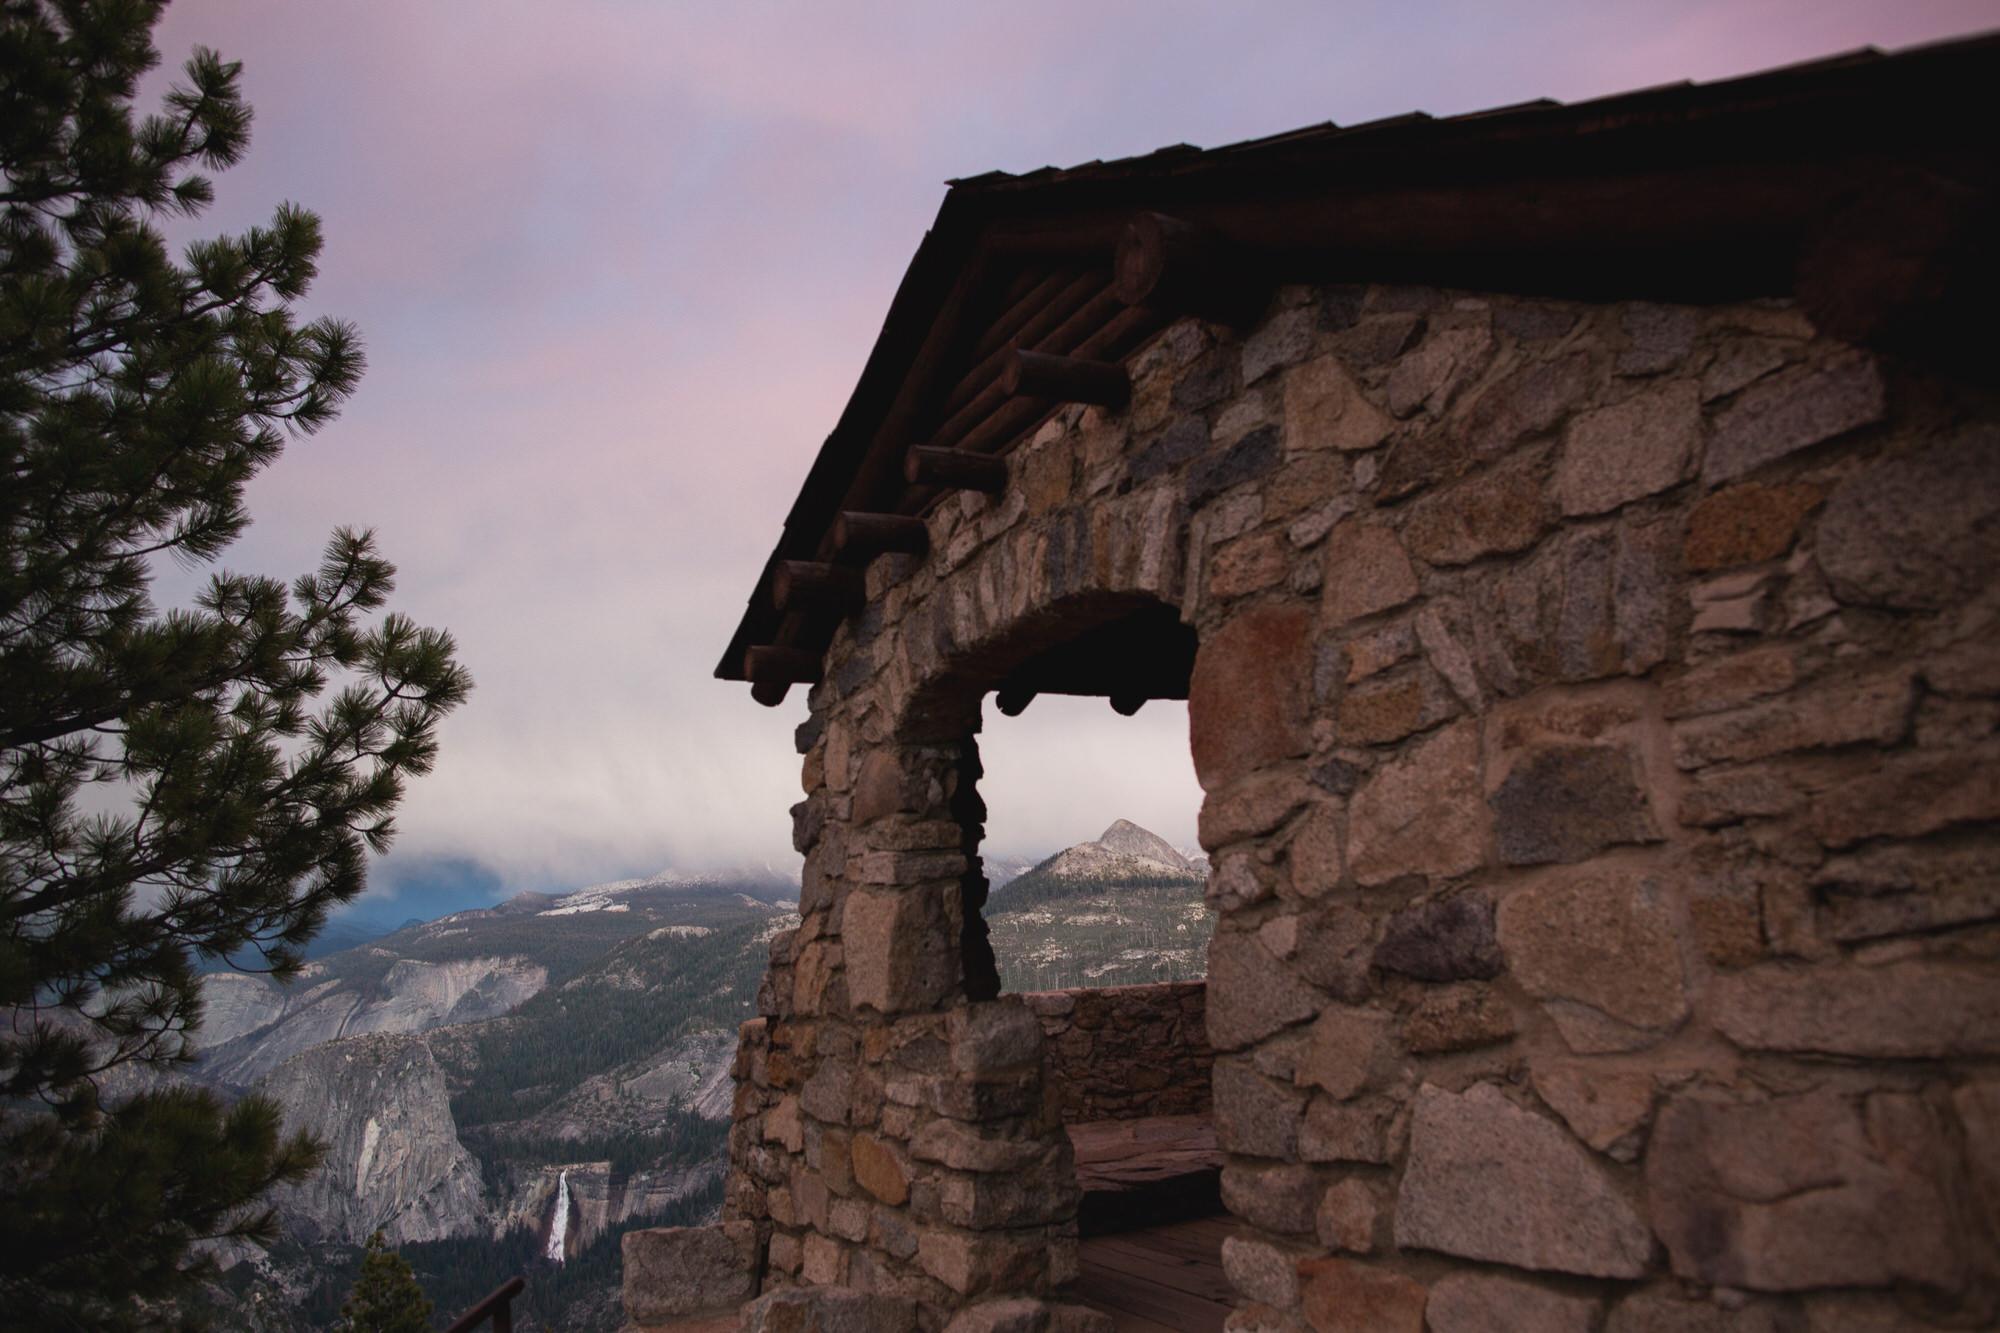 Yosemite ©Anne-Claire Brun 22